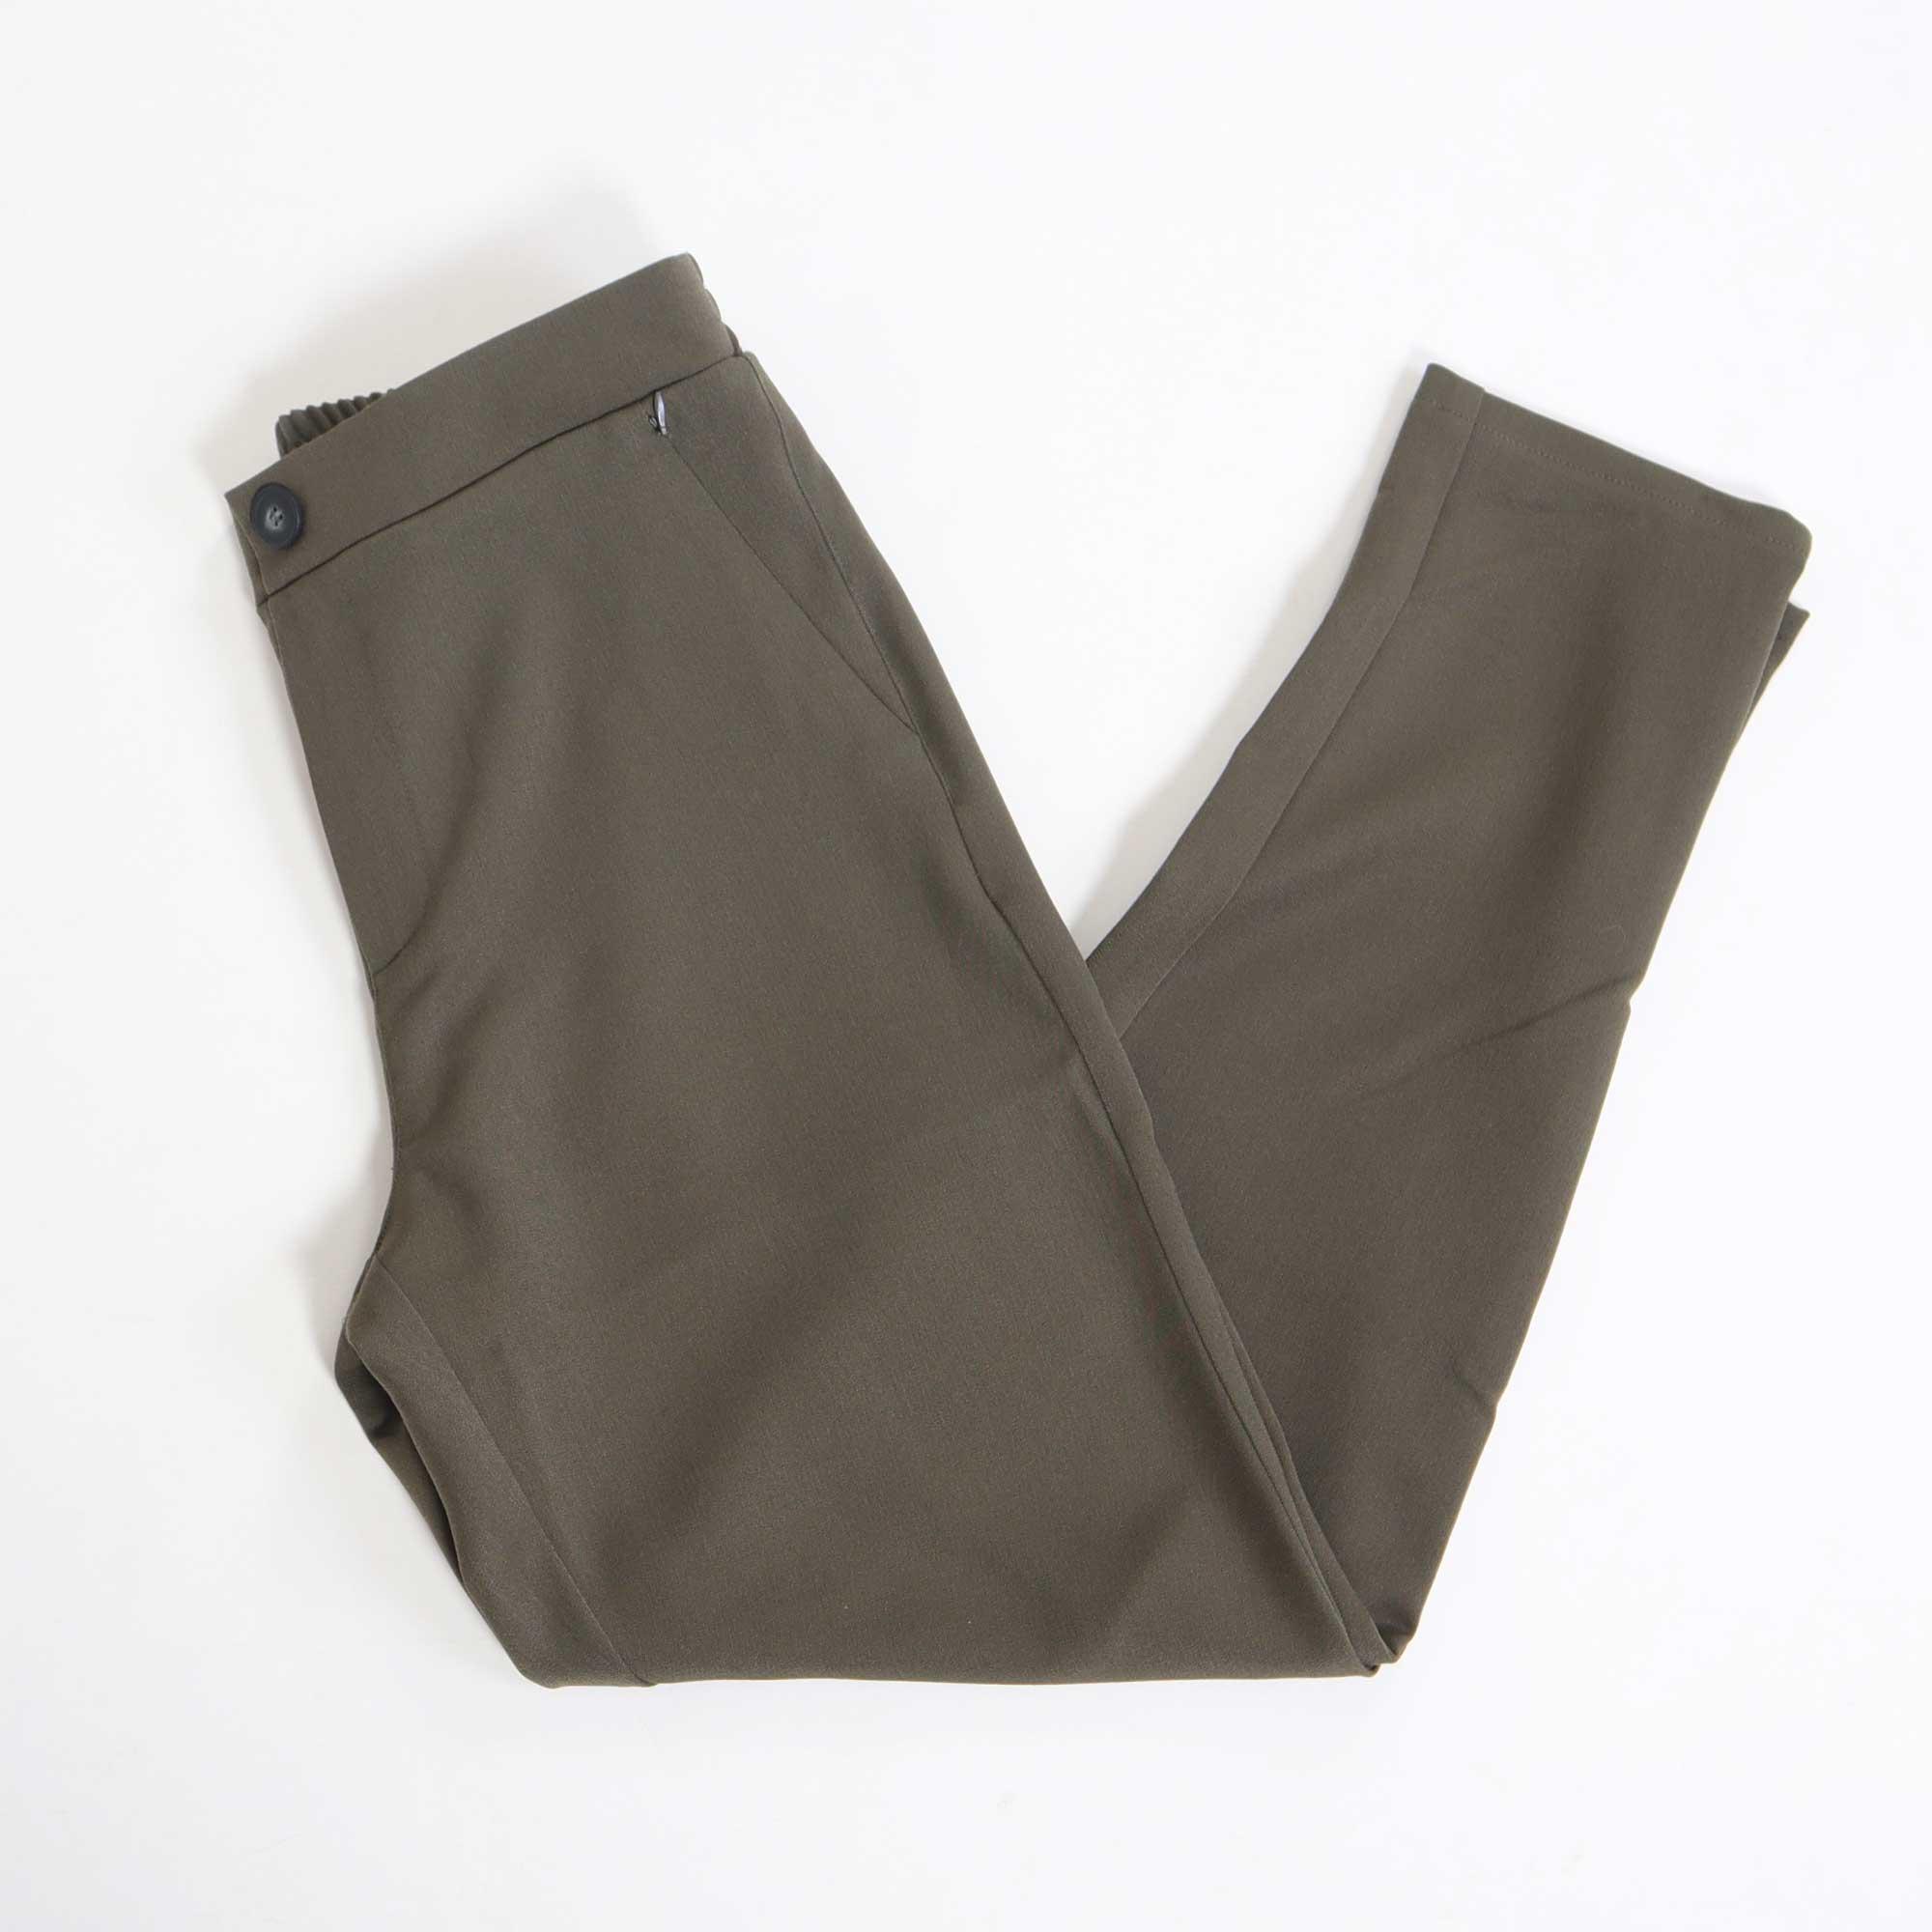 pantalon-dgroen-1